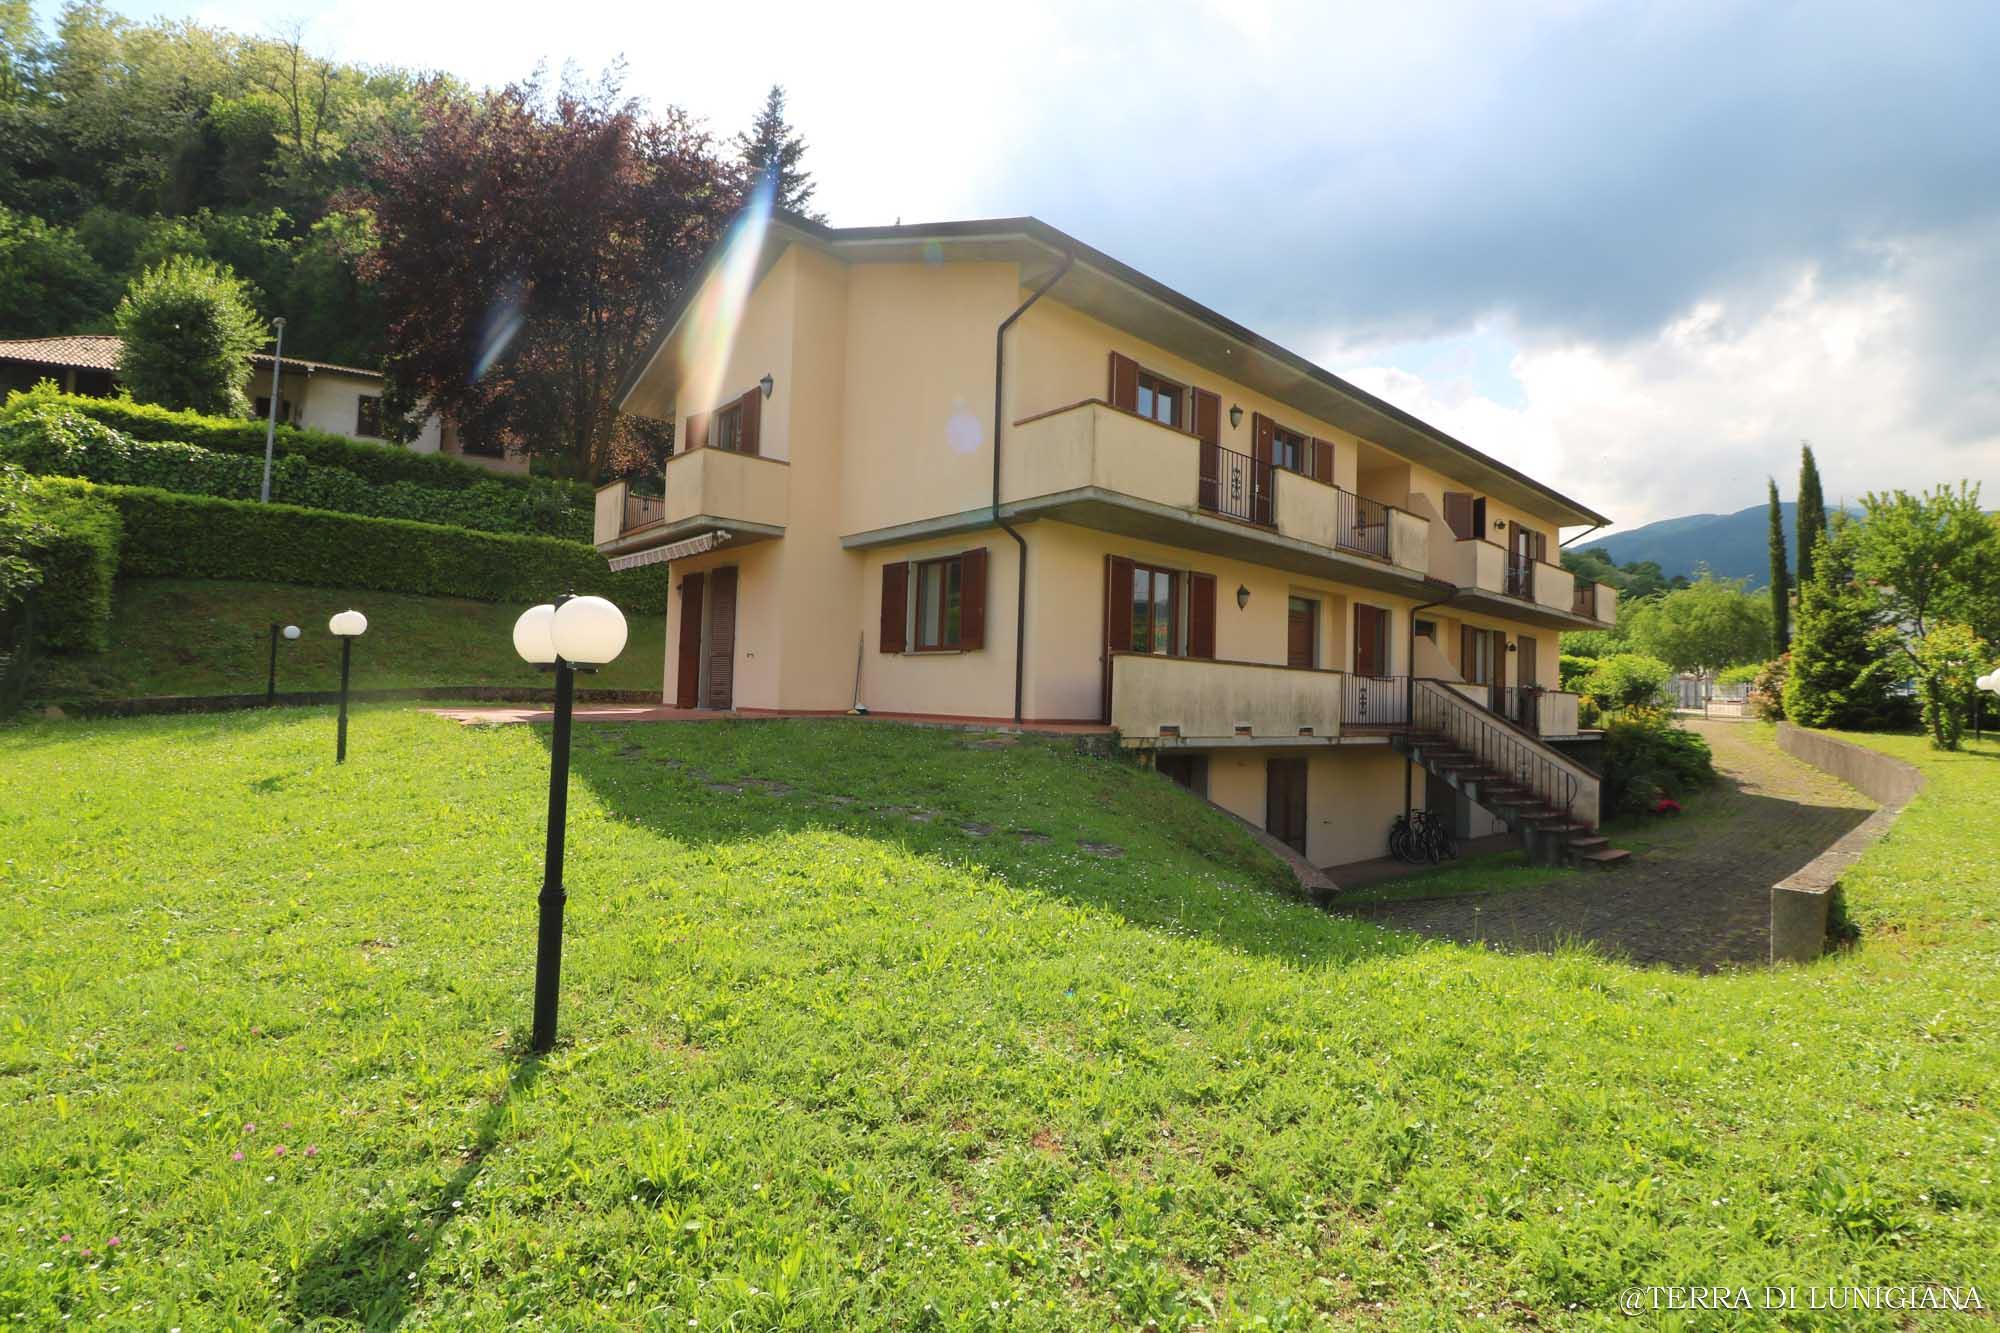 LA PRUGNA – Grande Villa con 5 Camere, Garage e ampio Giardino